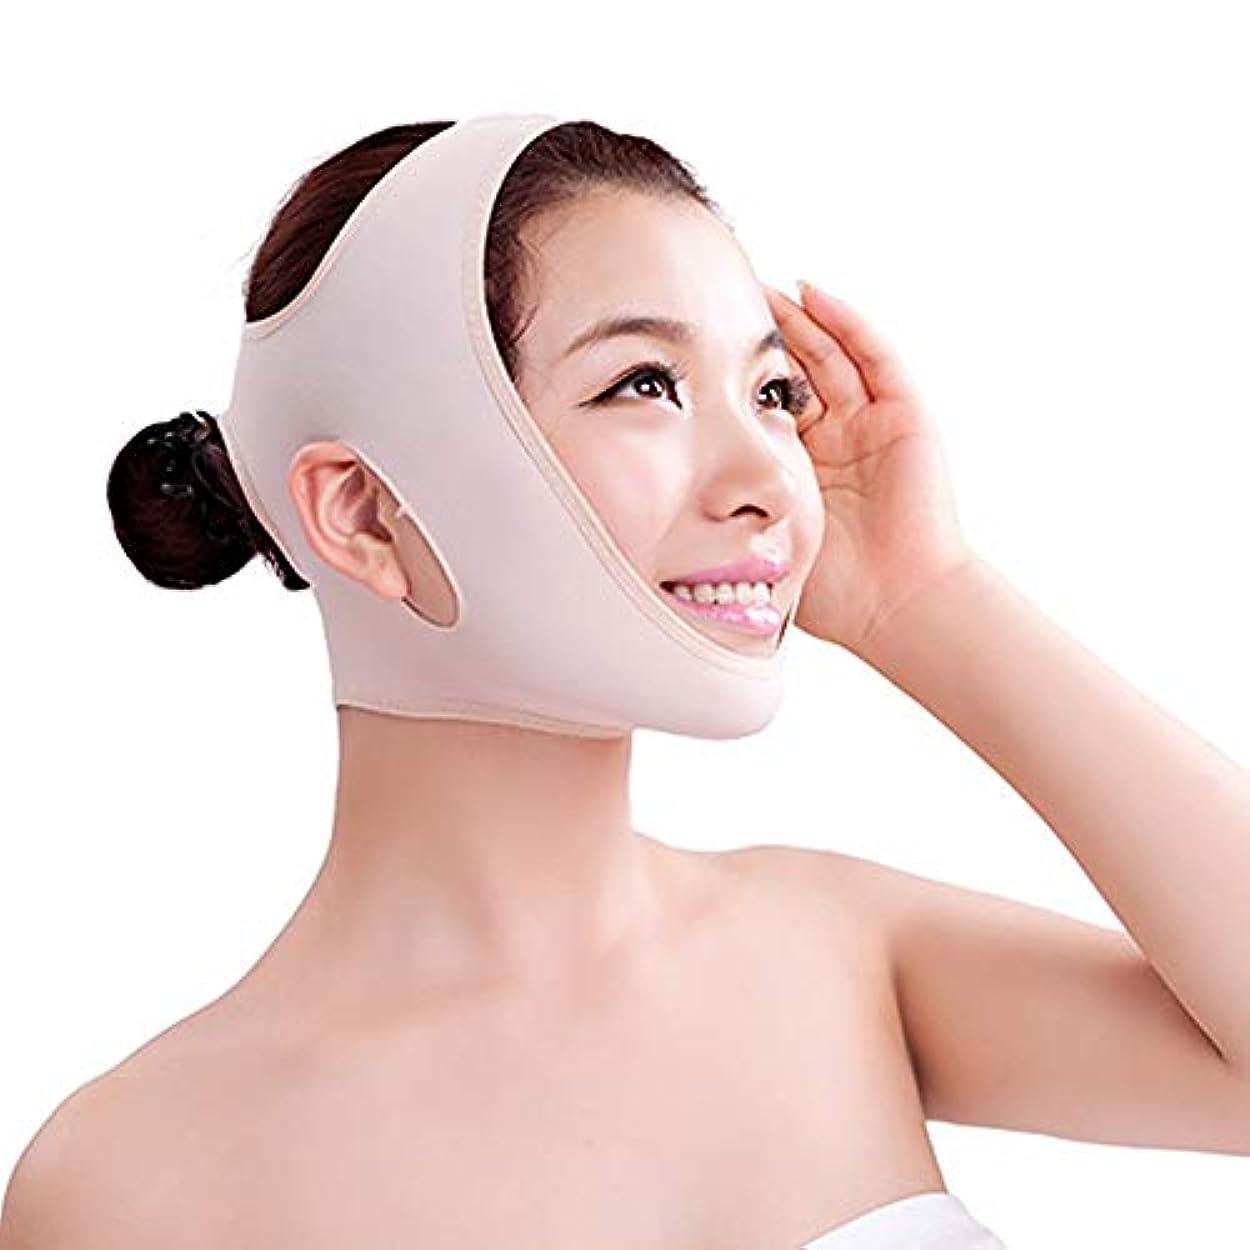 スプリット降臨枯れるフェイスリフティングベルト、フェイスリフティング包帯顔の形をしたV字型包帯通気性を防ぎ、頬のたるみを防ぎます二重あごのアンチエイジング (Color : Beige, Size : S)